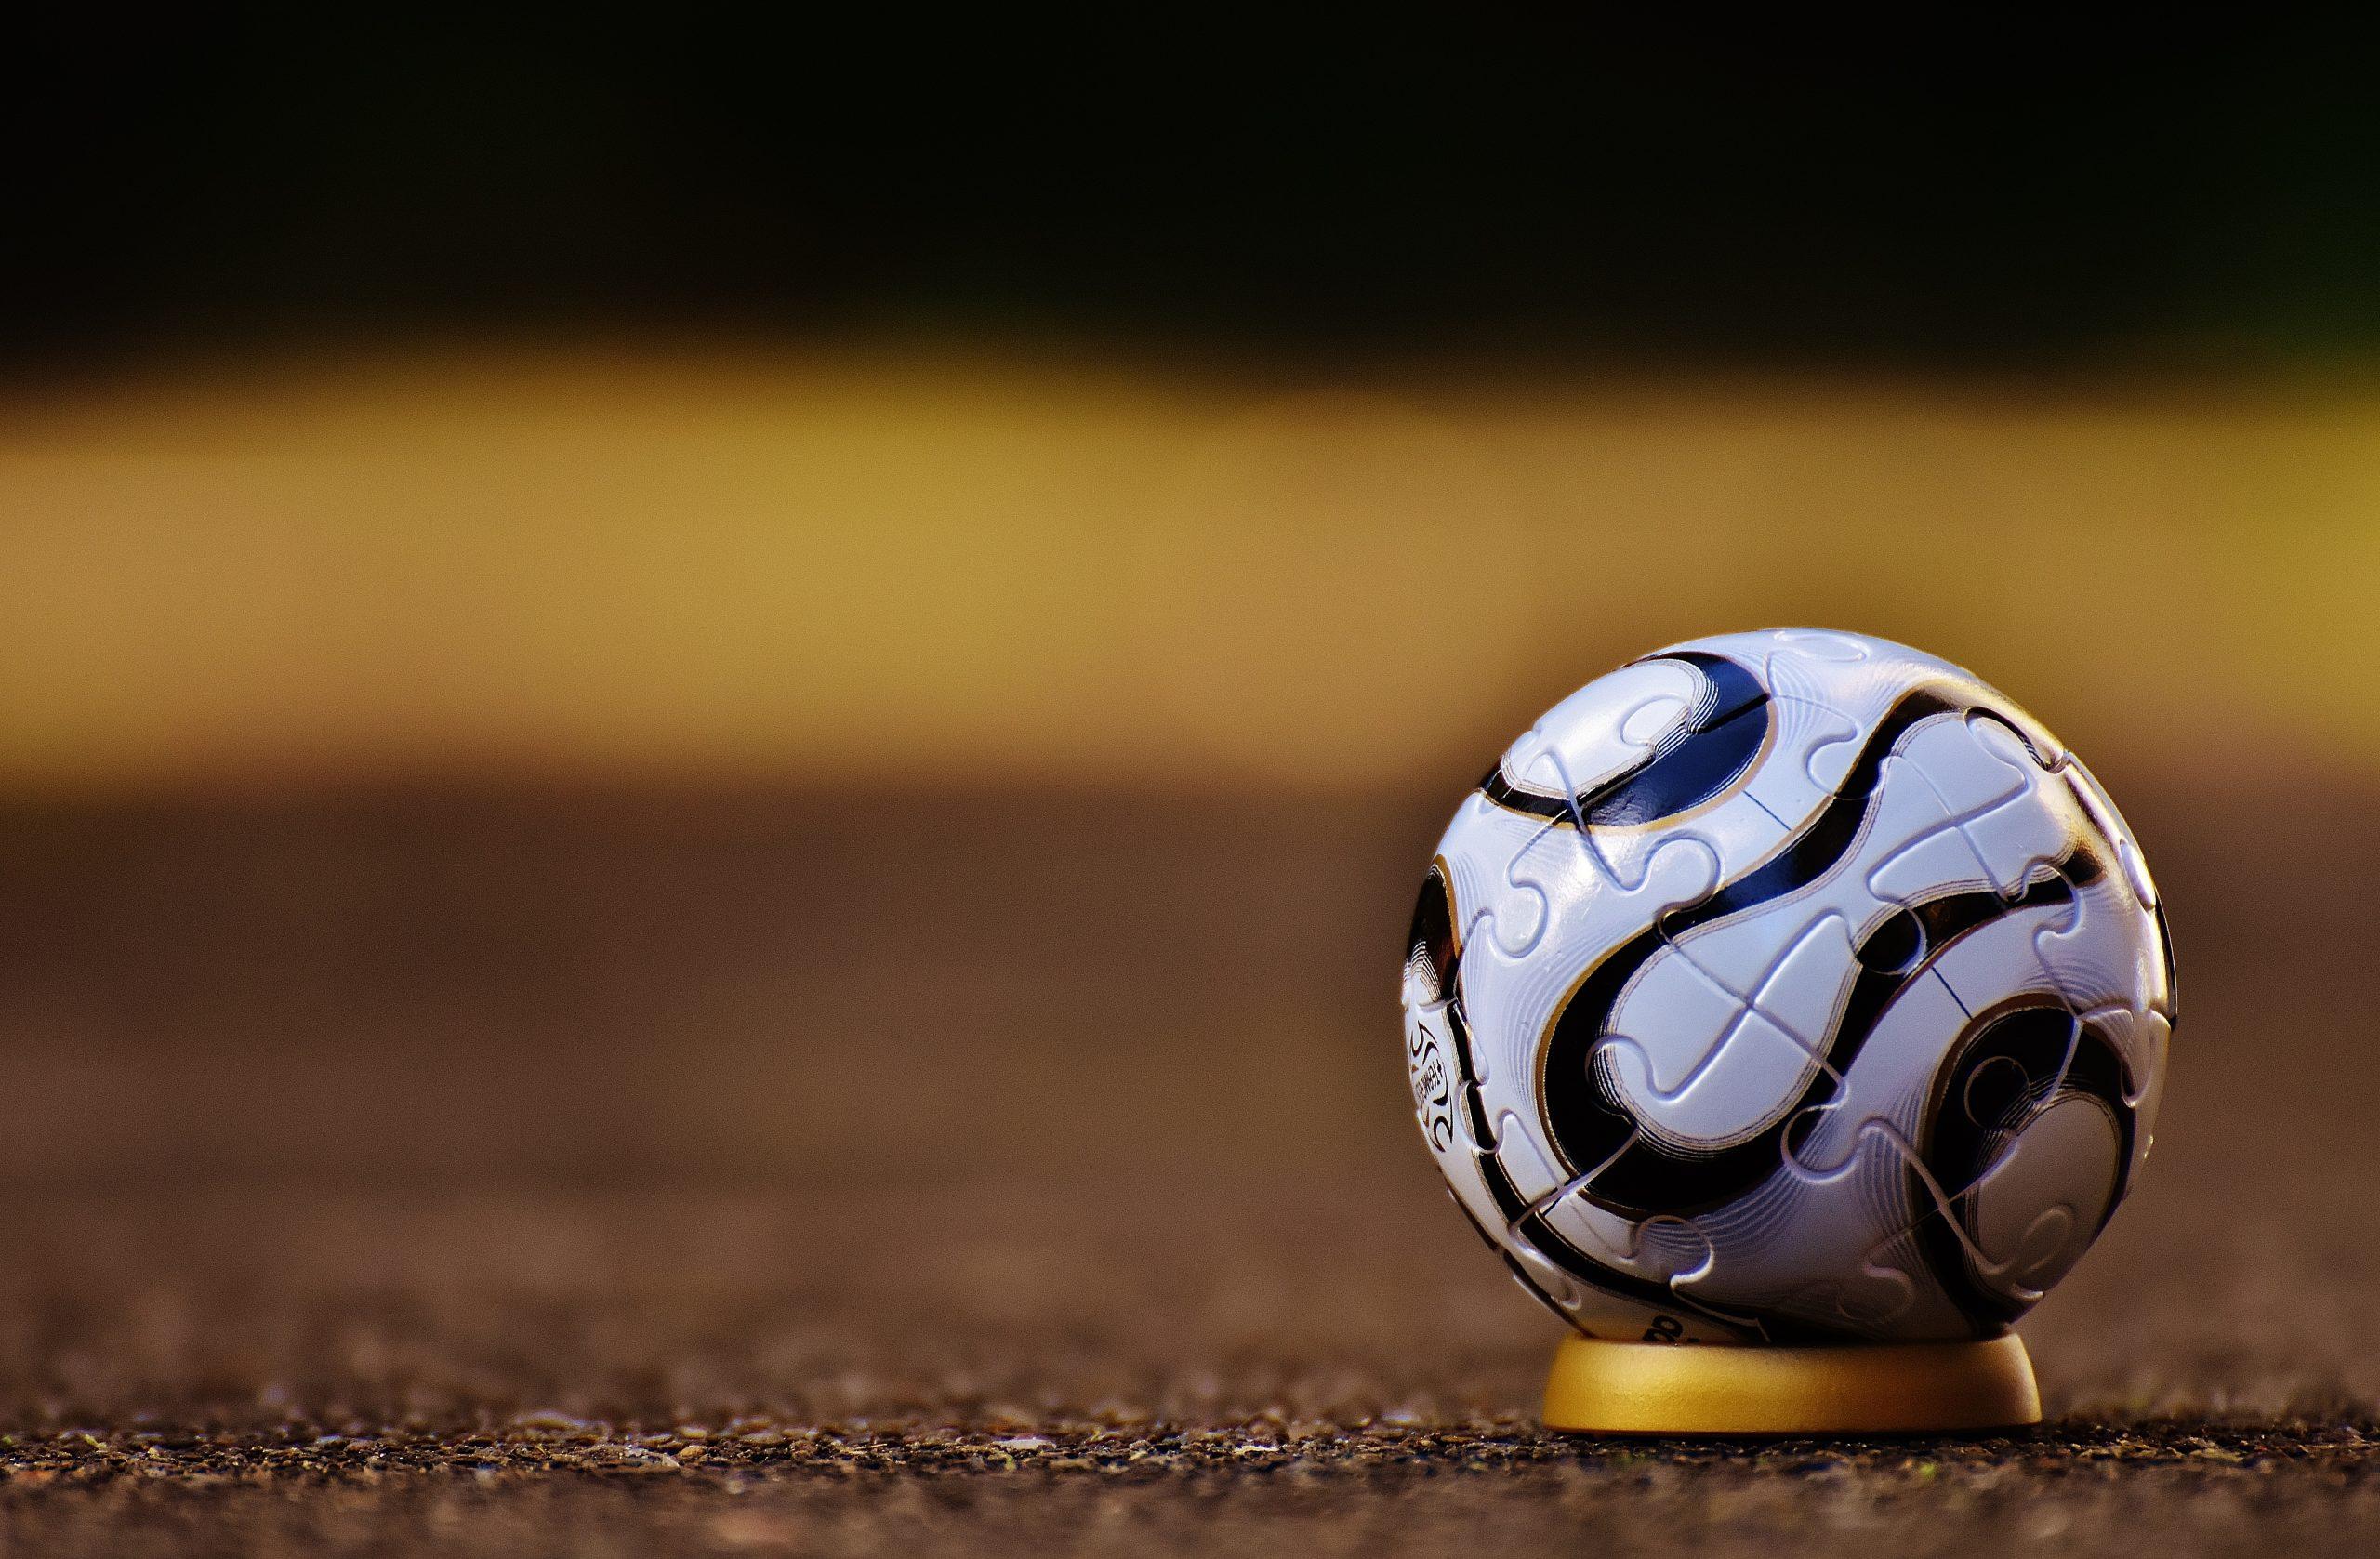 Bola de futebol em um suporte dourado